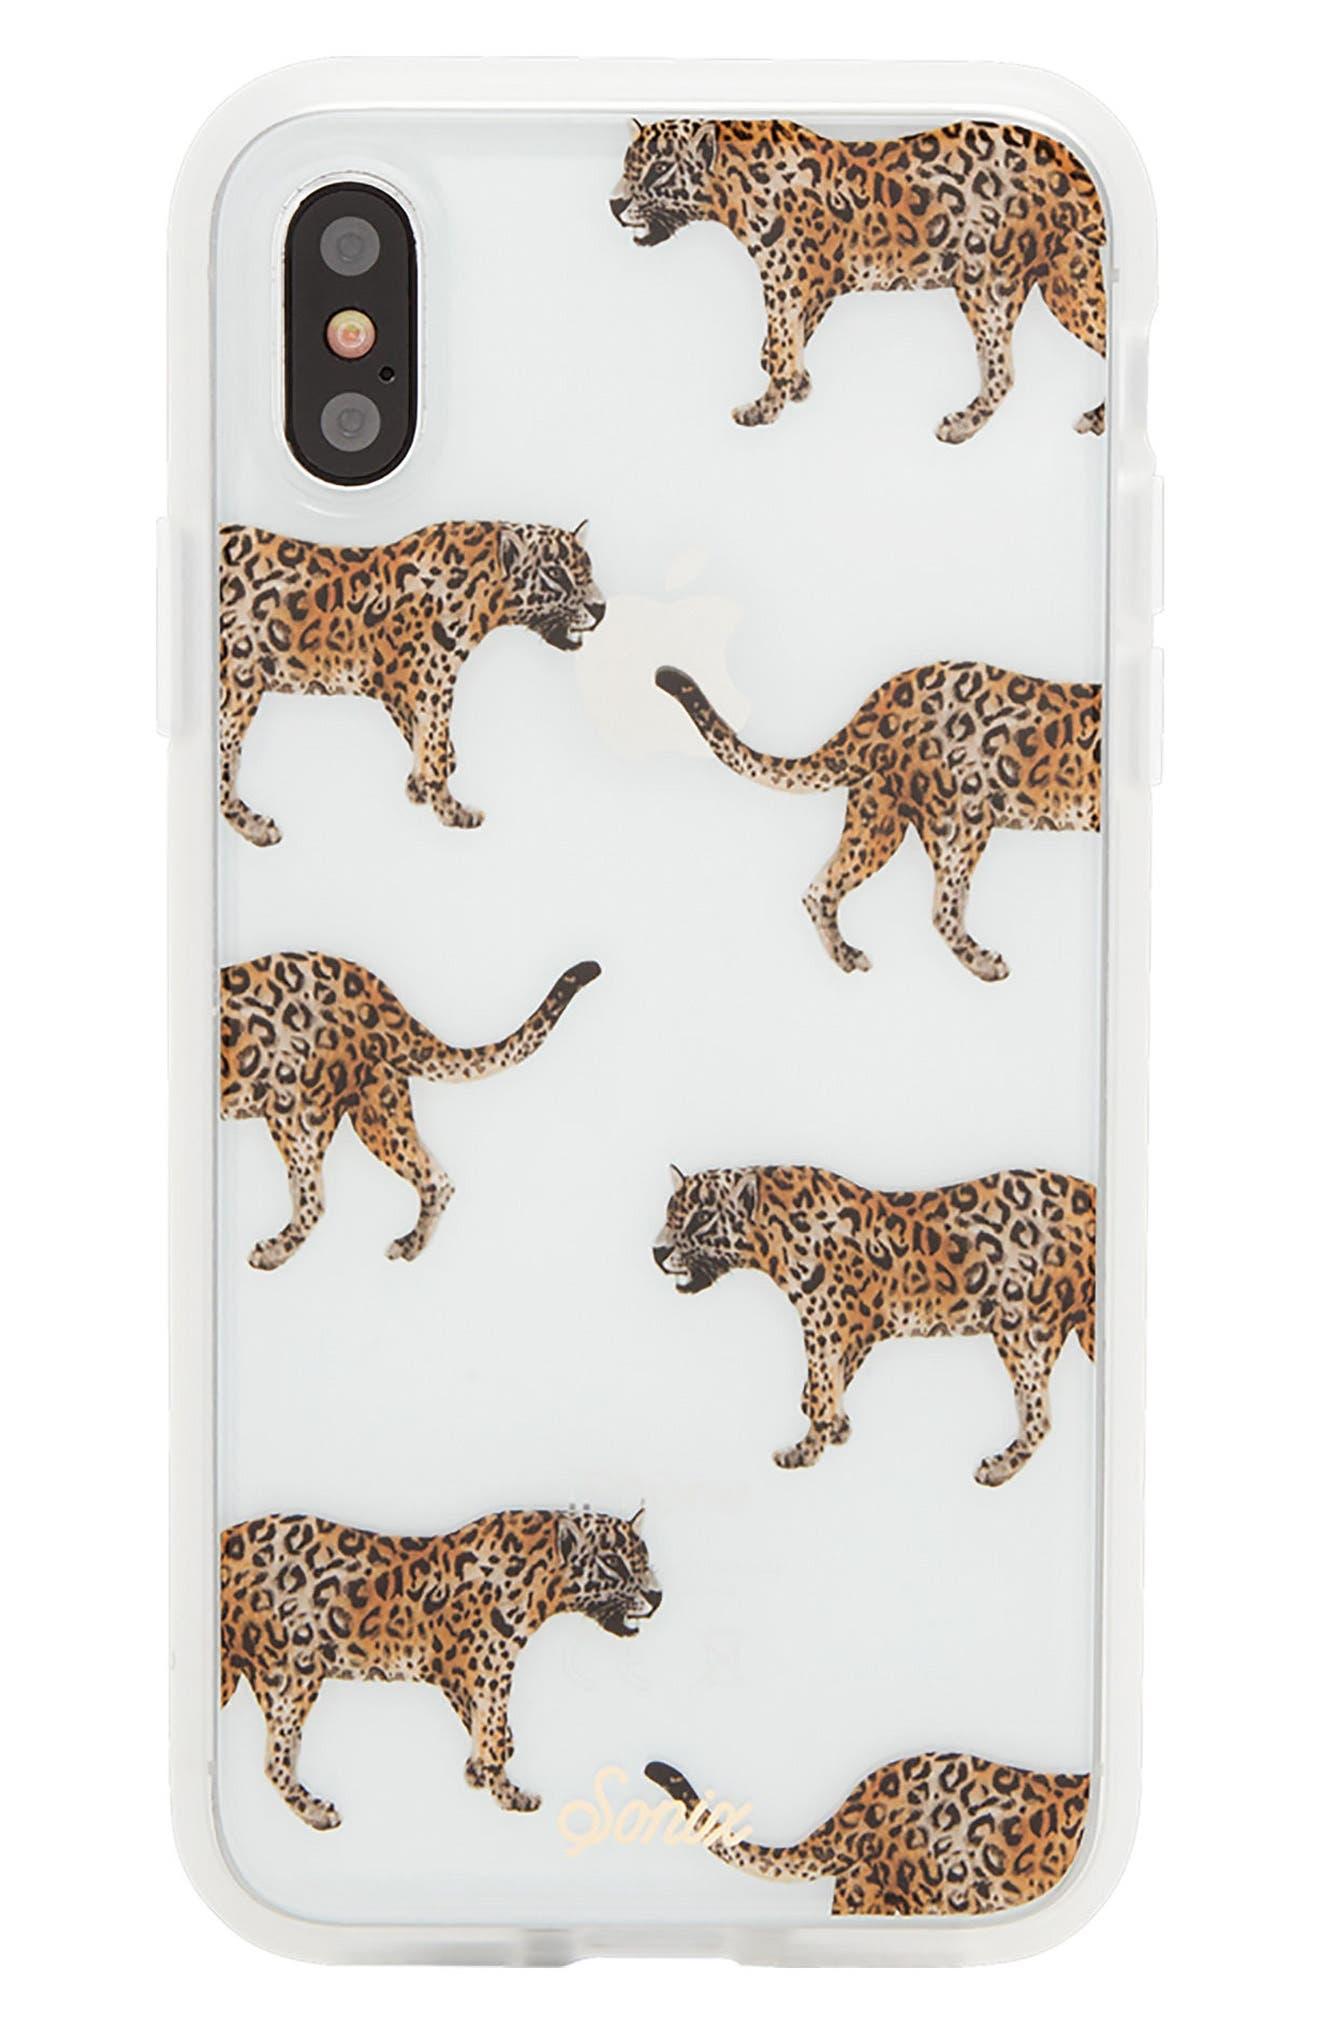 Deco Leopard iPhone X Case,                             Main thumbnail 1, color,                             Brown/ Black